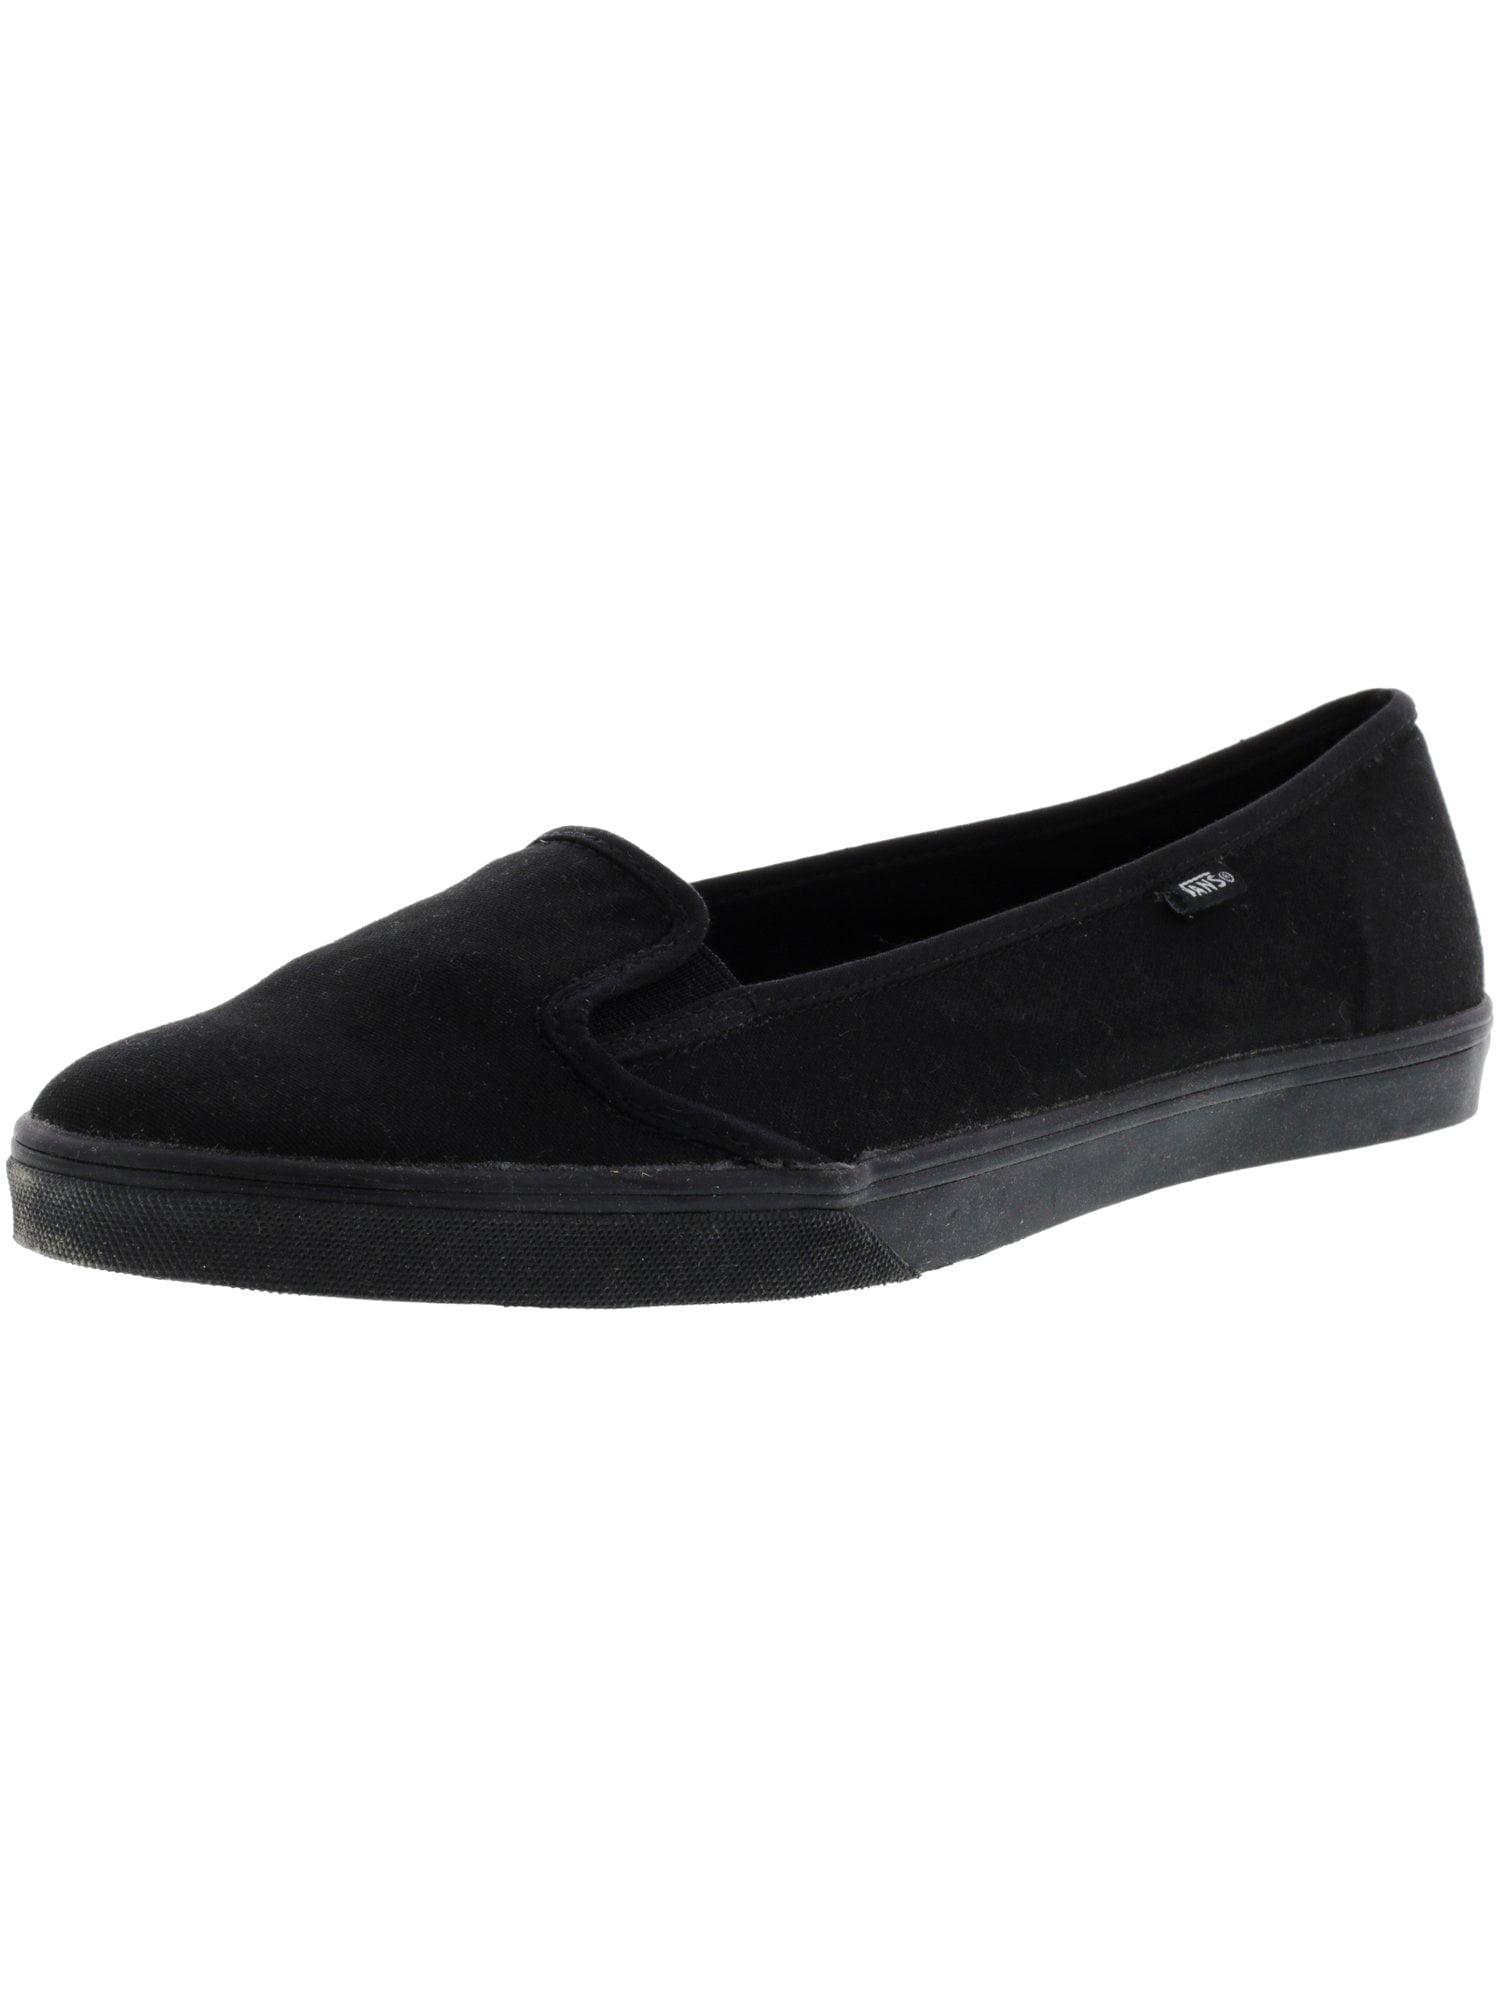 c7aa7a397943c3 Vans - Vans Kvd Black   Ankle-High Canvas Skateboarding Shoe - 10M 8.5M -  Walmart.com